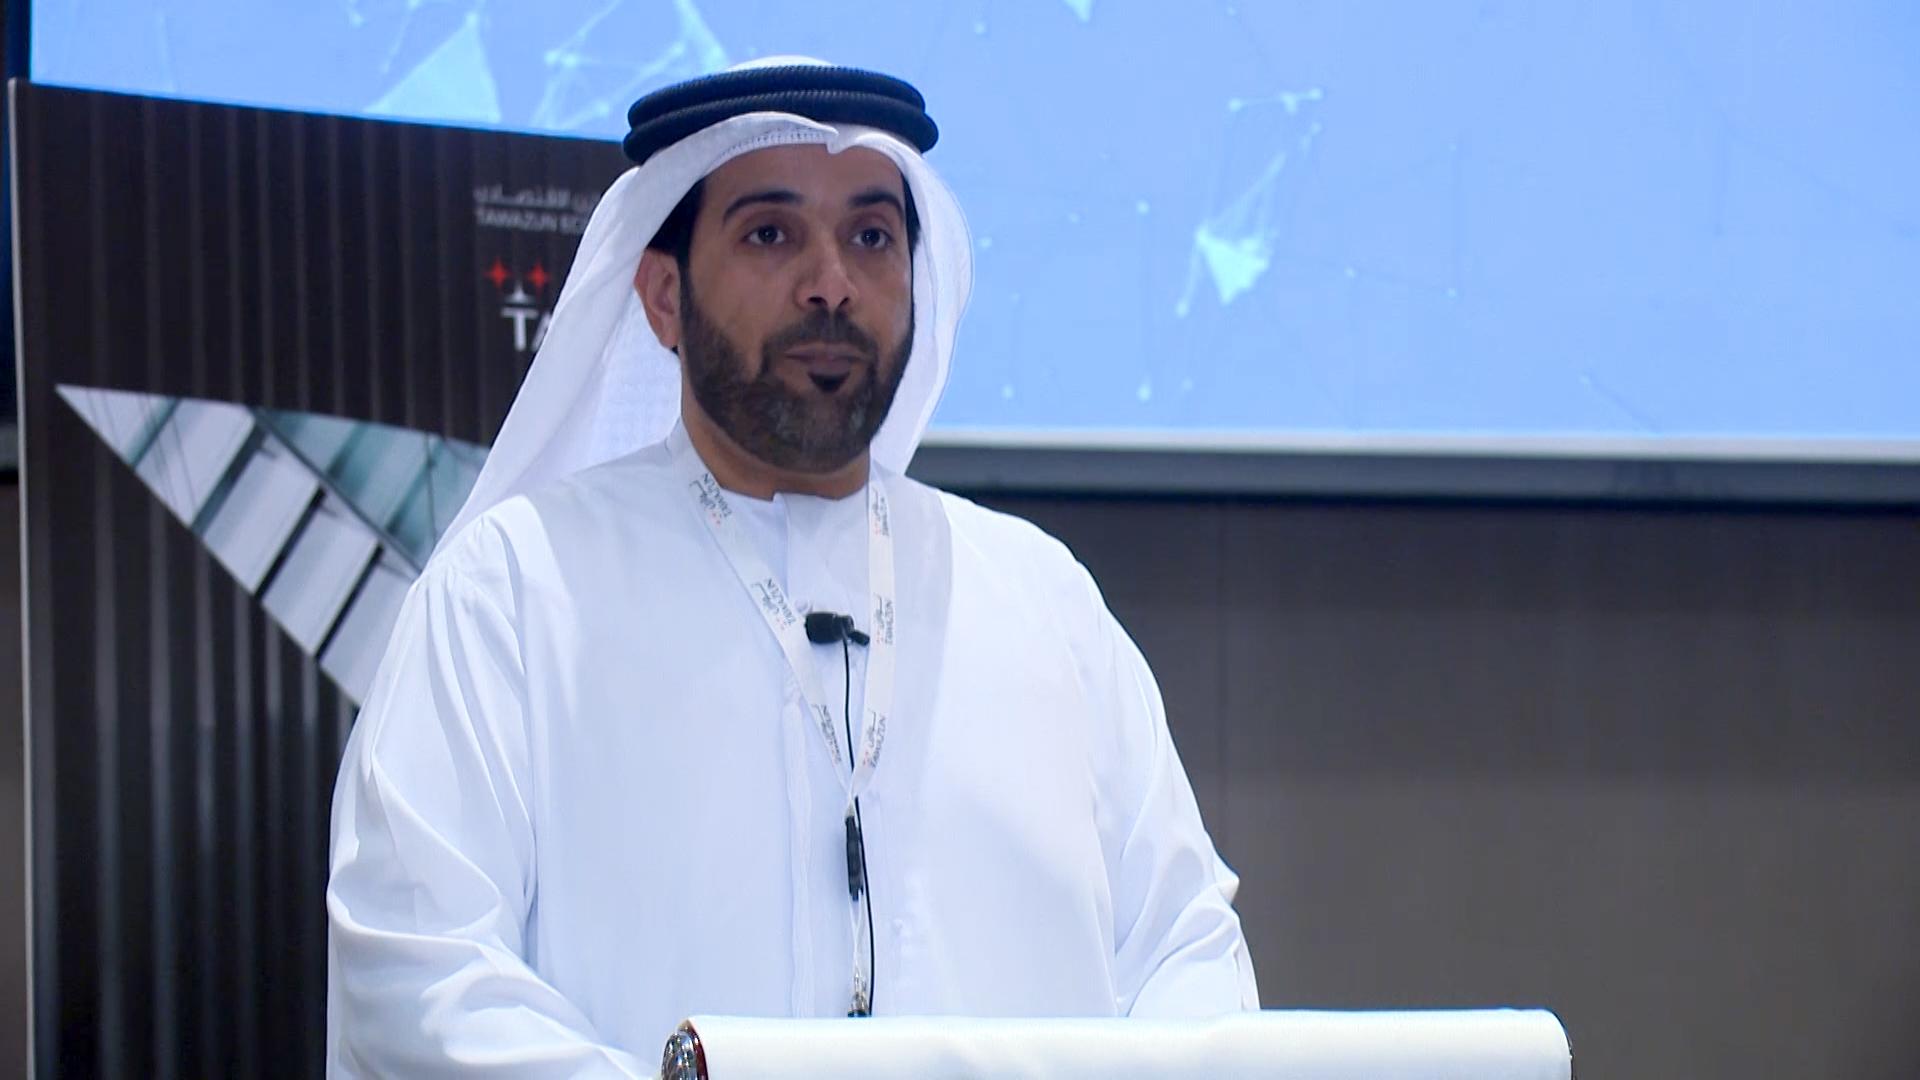 مجلس الشركات الدفاعية يعقد اجتماعه الثامن في أبوظبي..